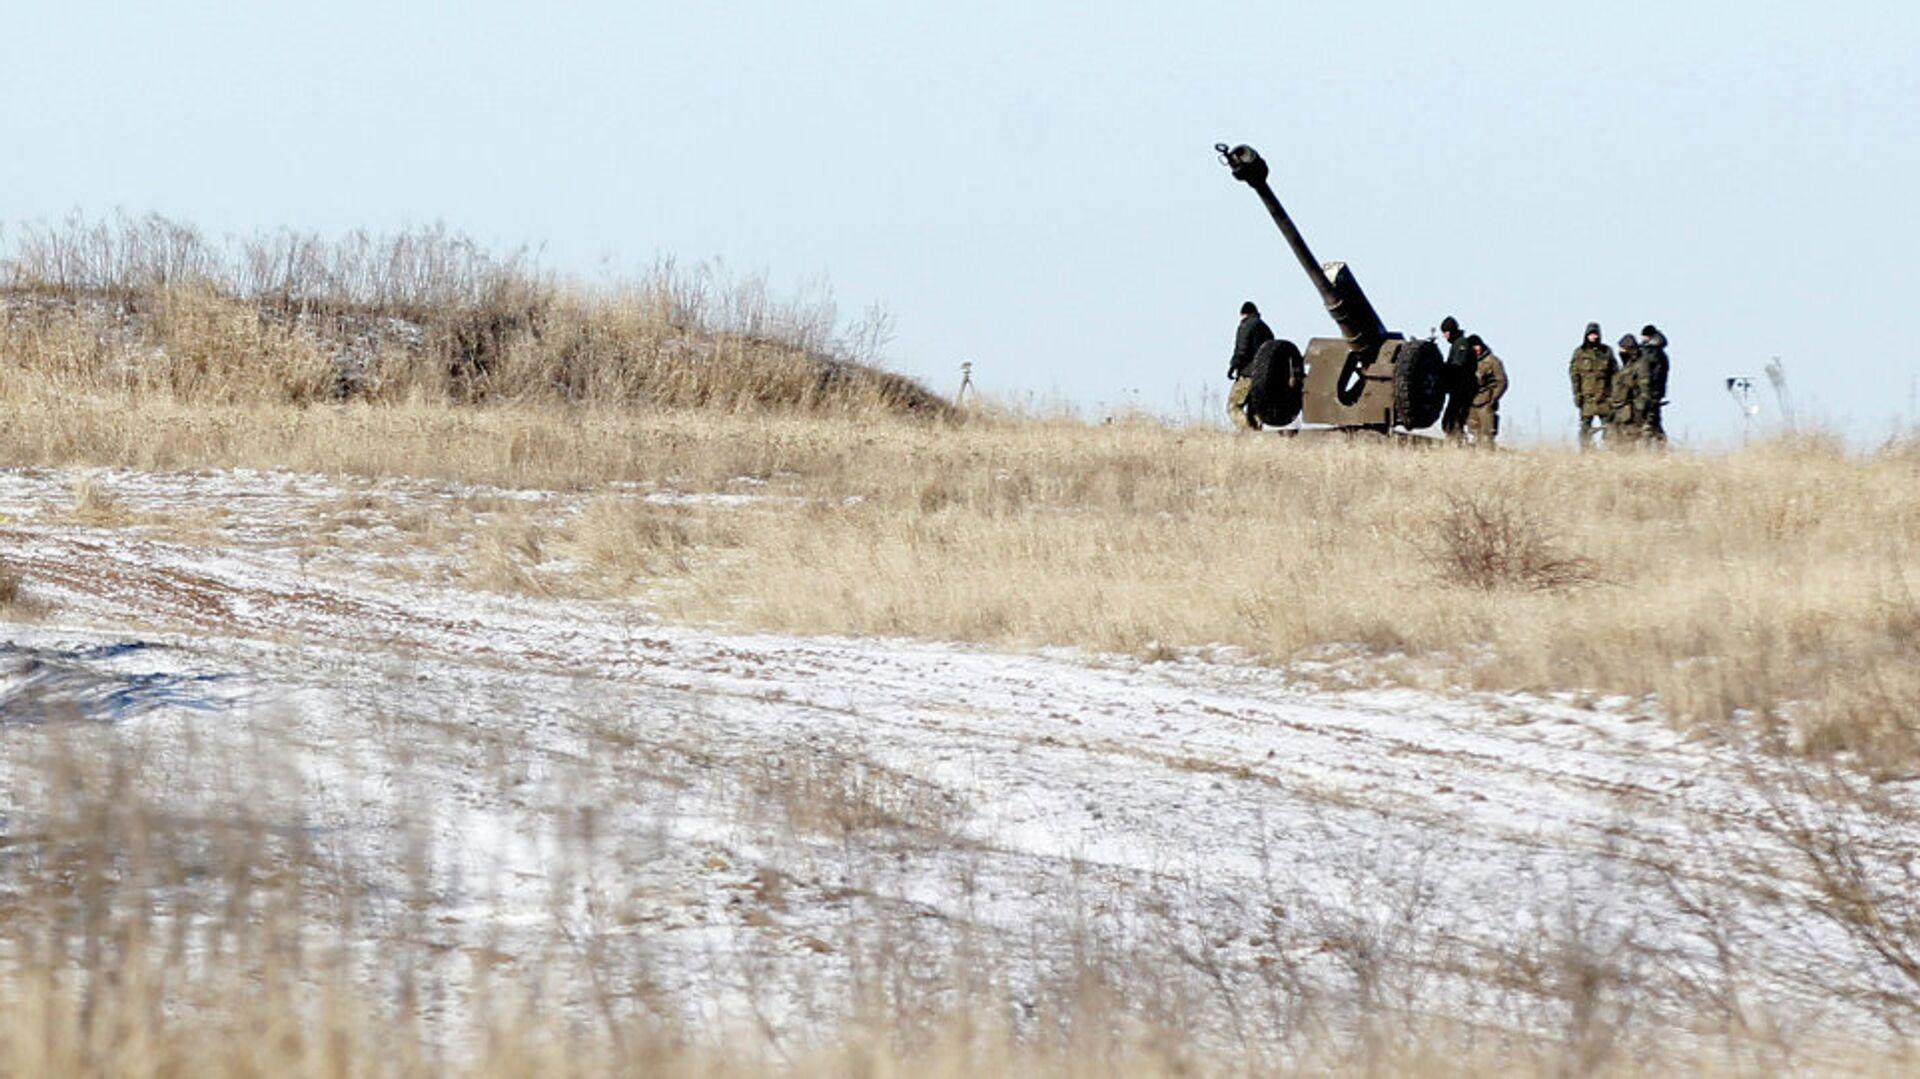 Ukrajinsko teško naoružanje, 20 km severno od Debaljceva - Sputnik Srbija, 1920, 26.07.2021